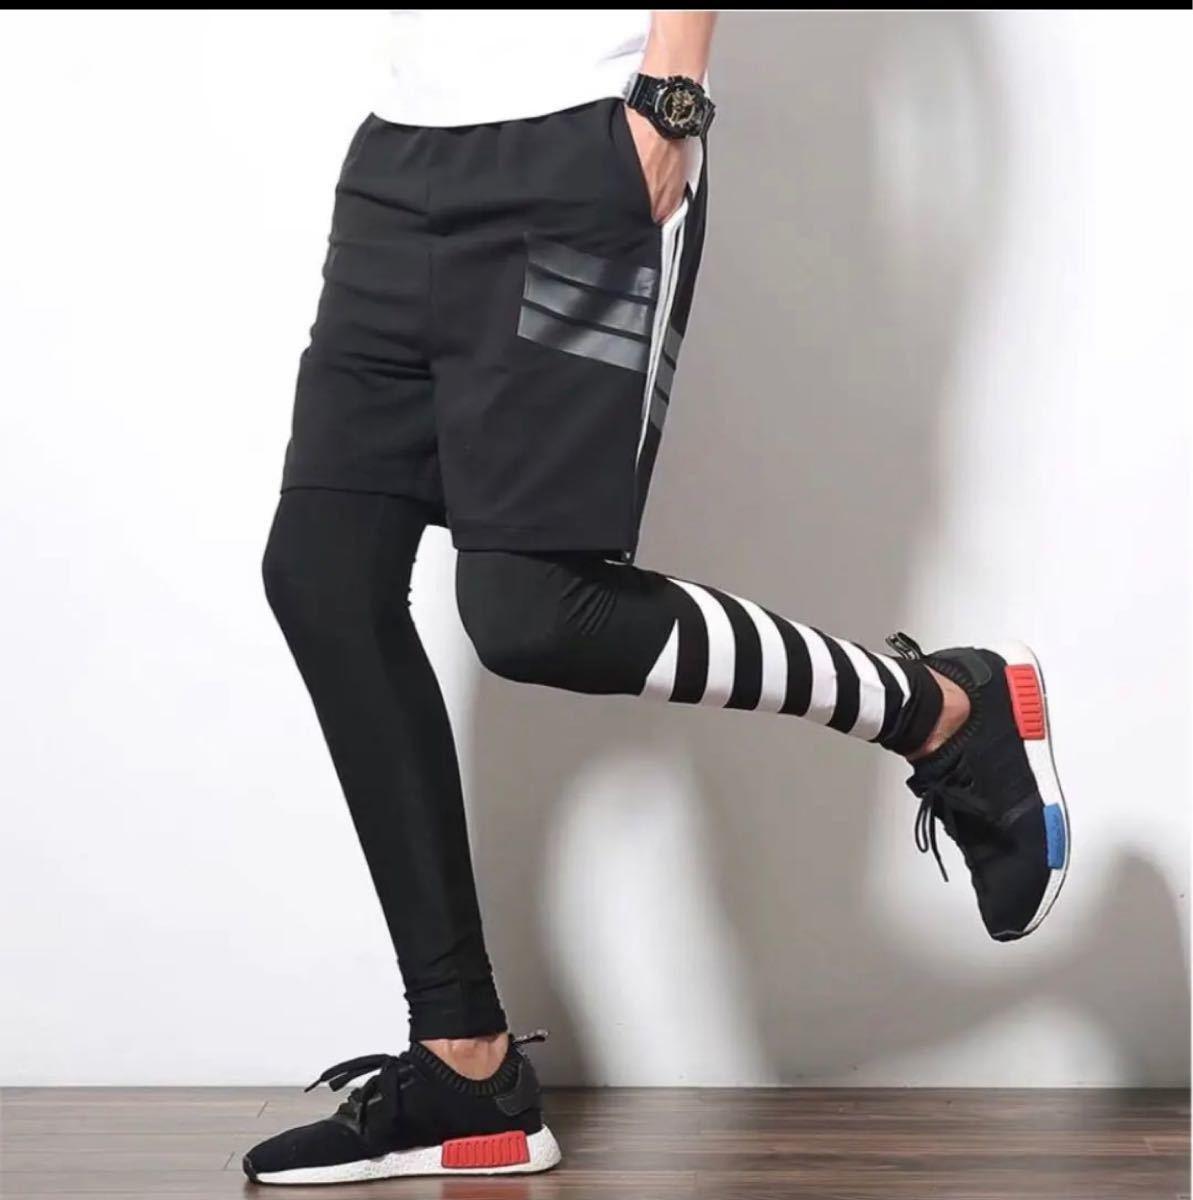 スポーツウェア ハーフパンツ ジョギング ランニングウェア ジム フットサル 筋トレ サイクリング 短パン フィットネス